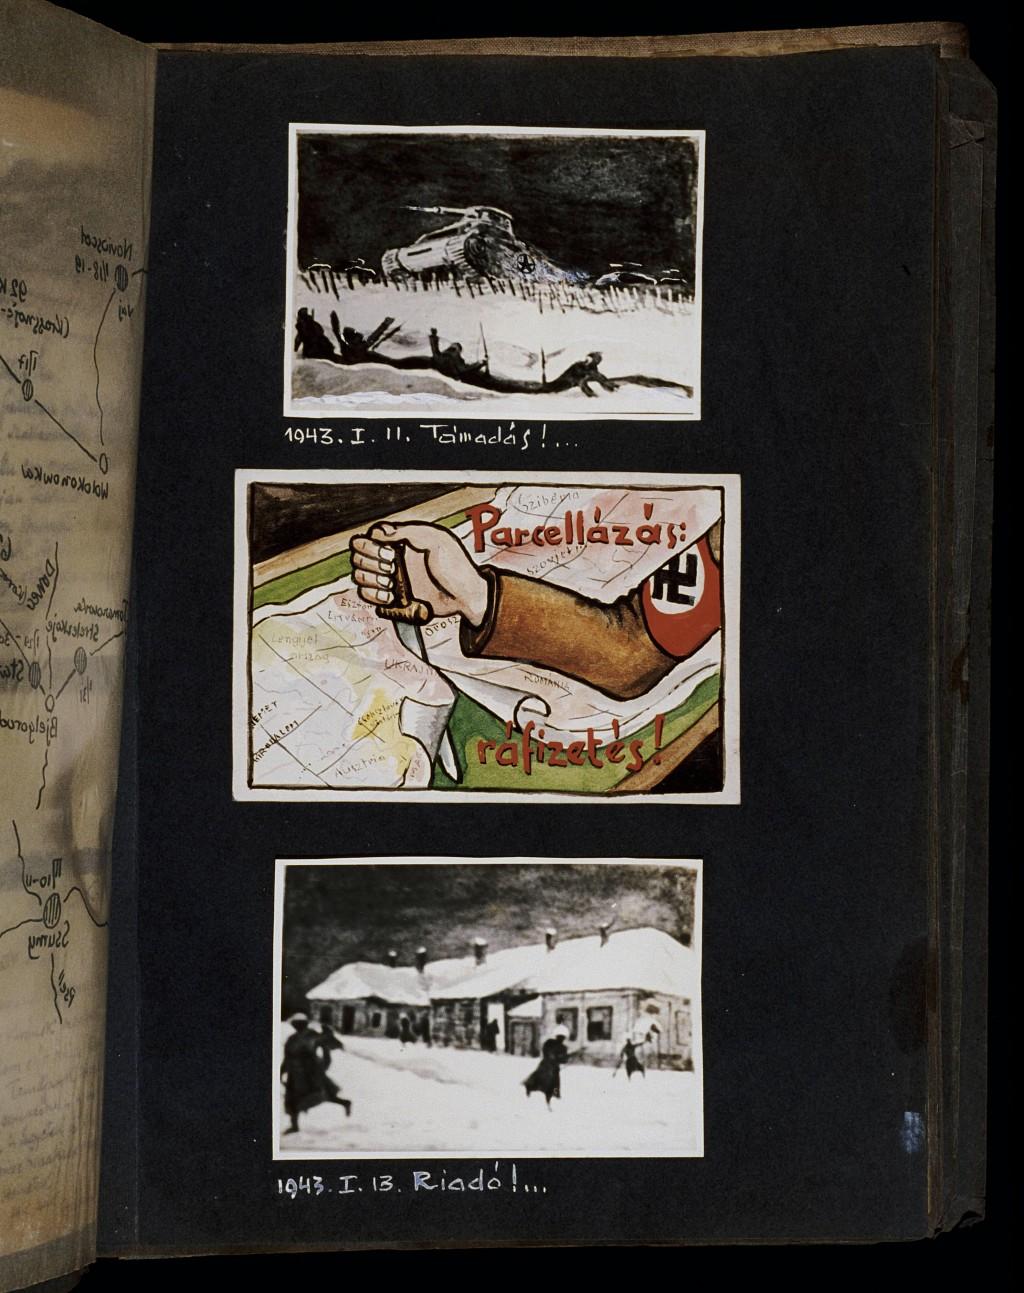 Album page [LCID: 2004ohbn]